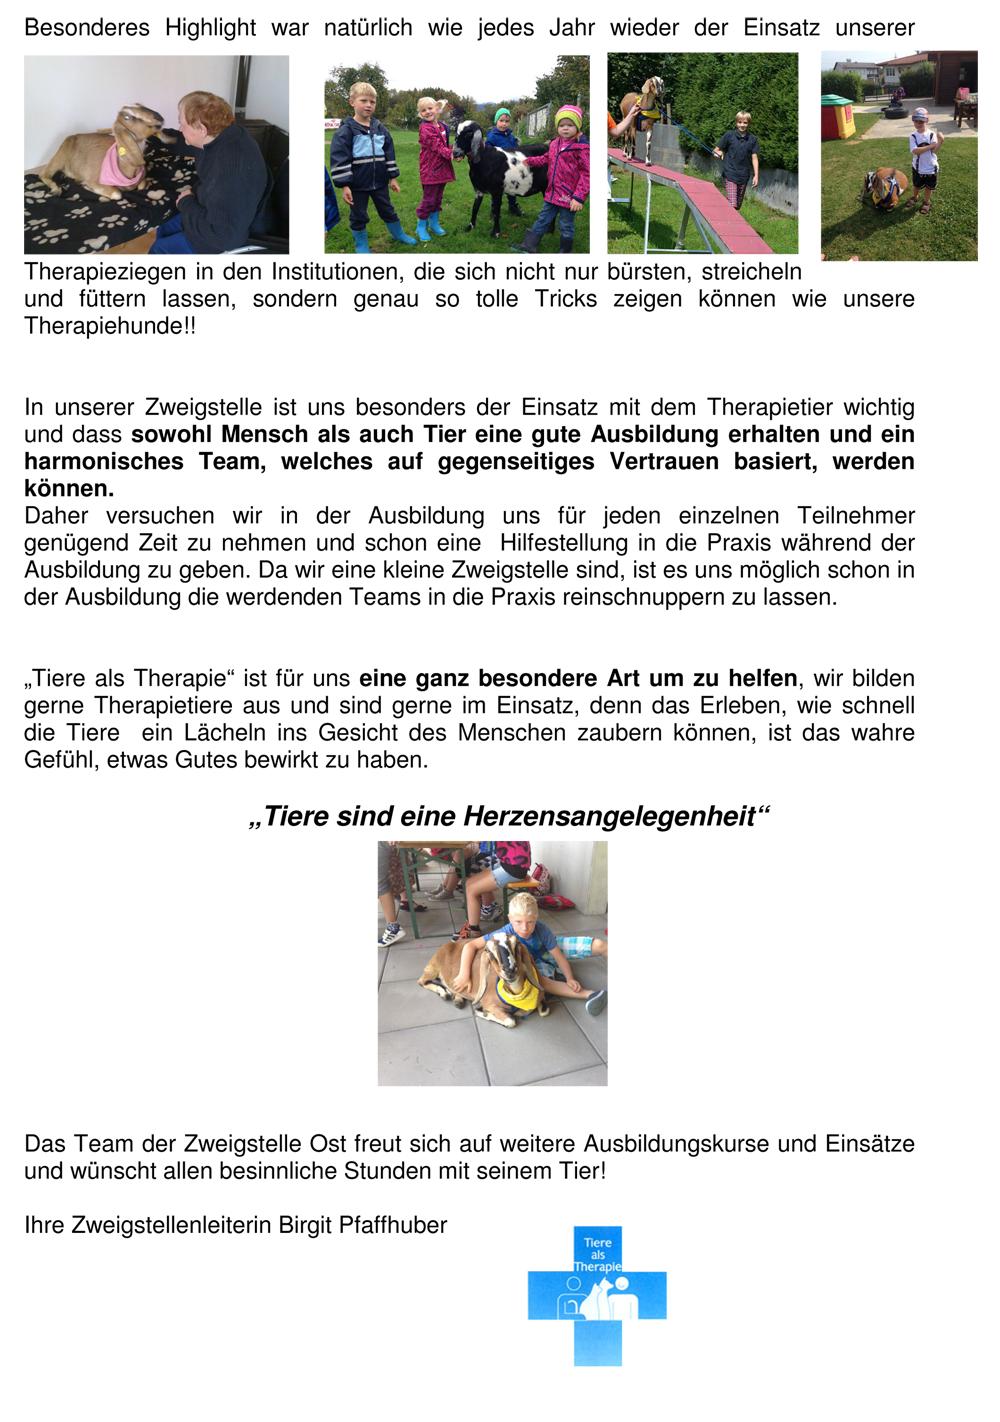 Bericht der Zweigstelle Oberösterreich Ost 2